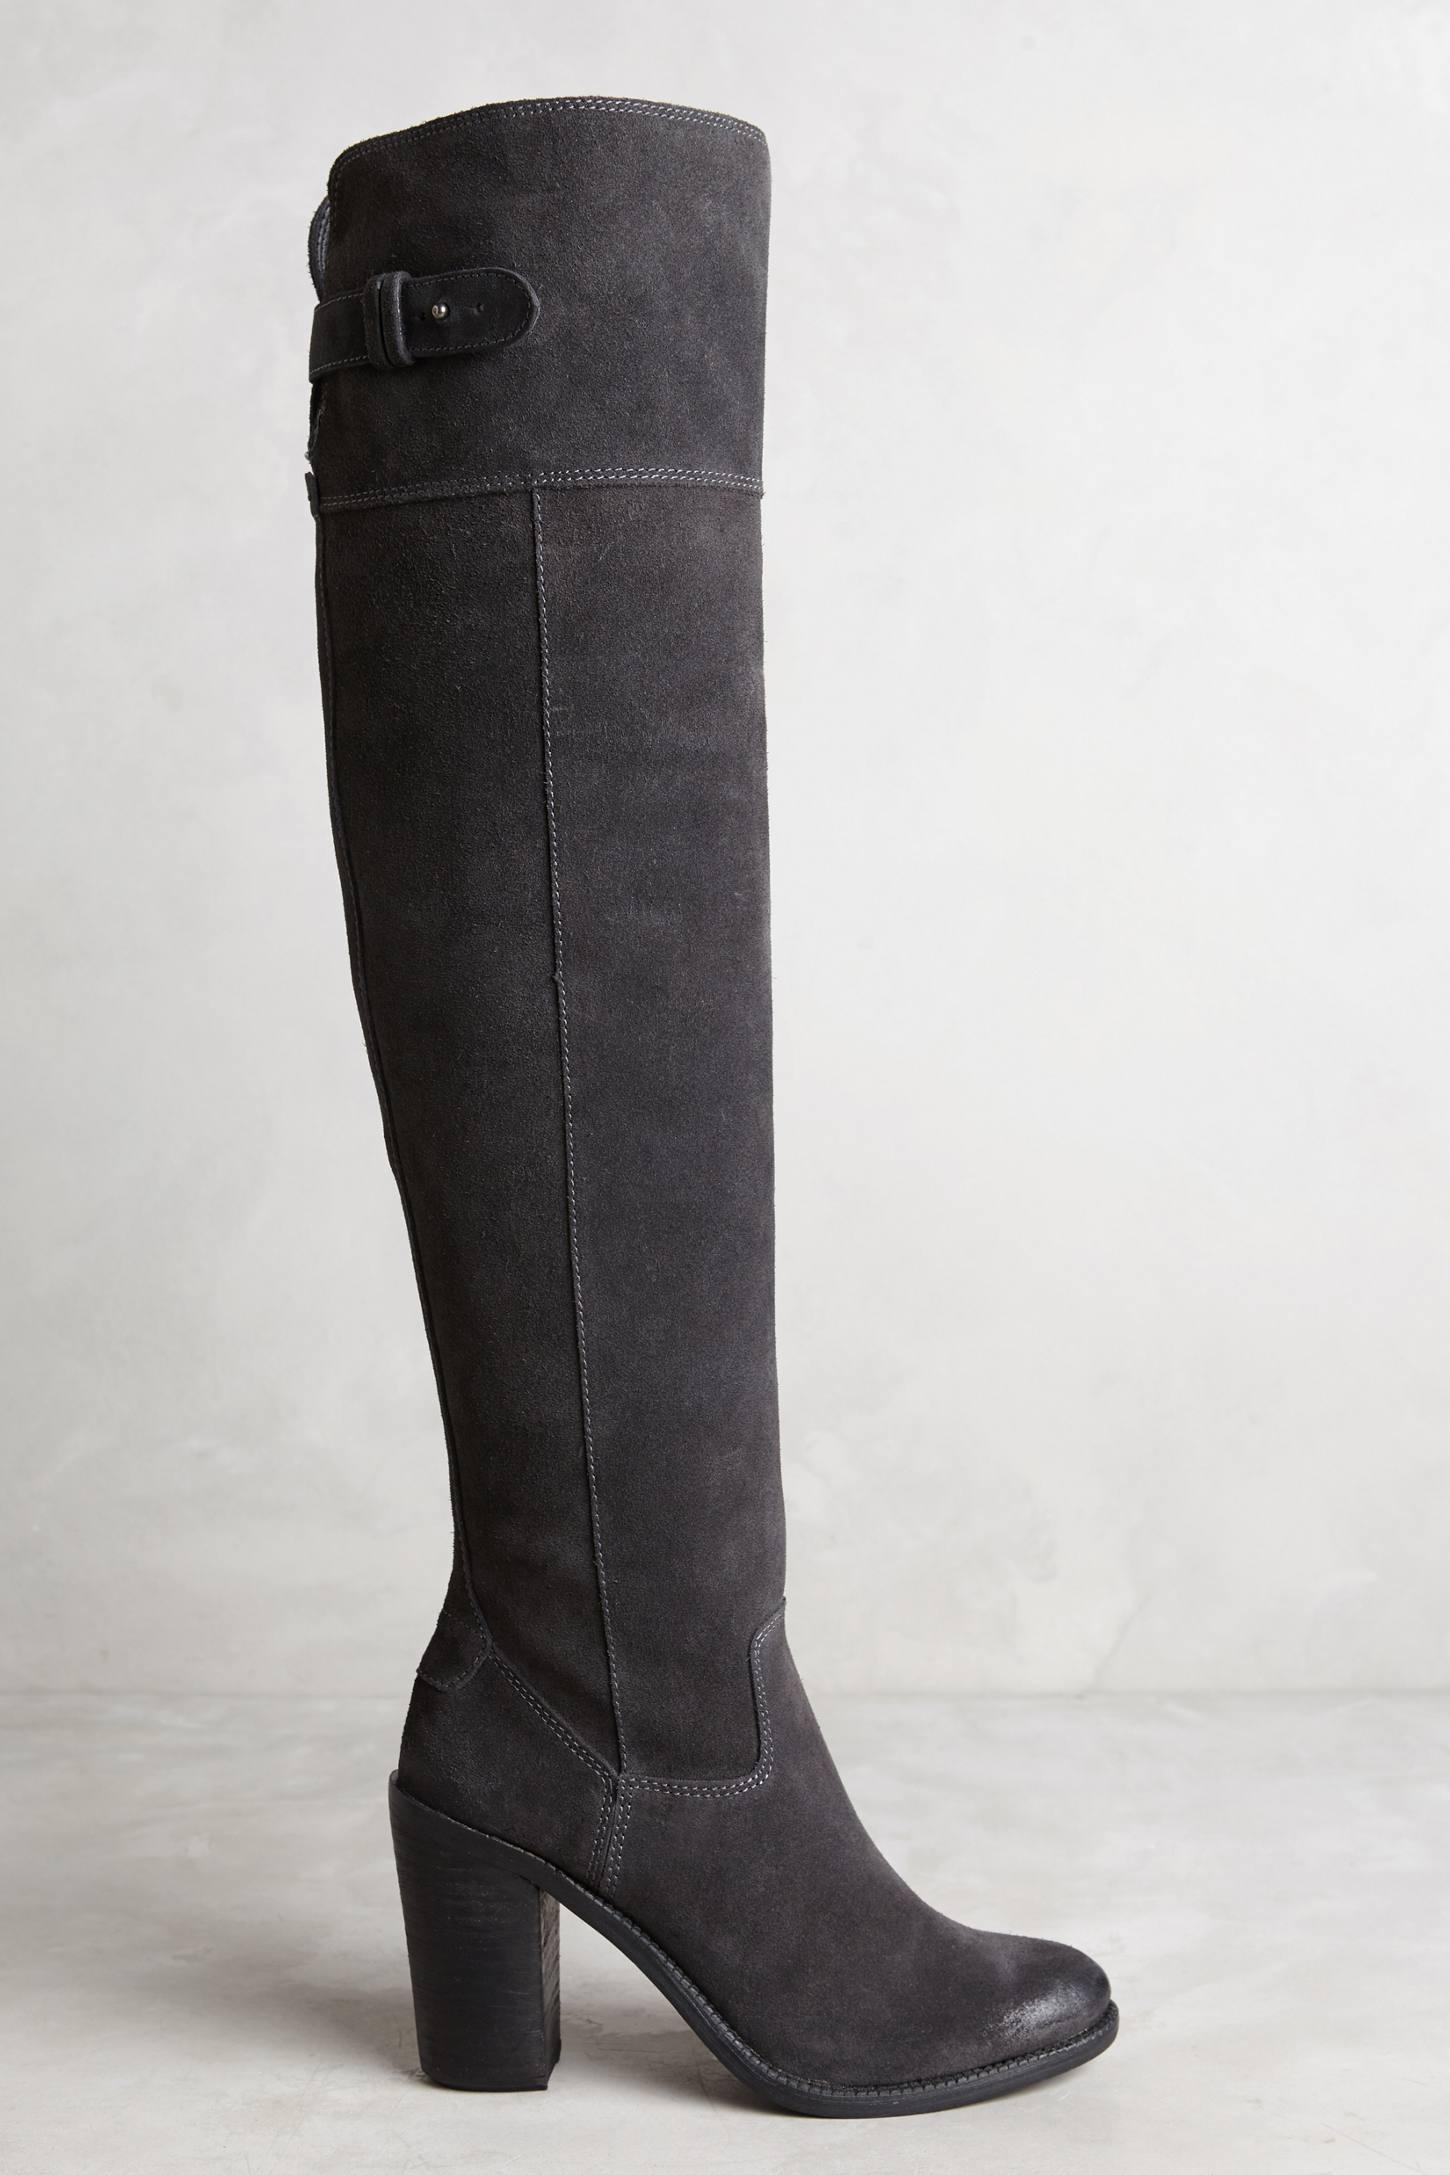 Dolce Vita Okana Boots